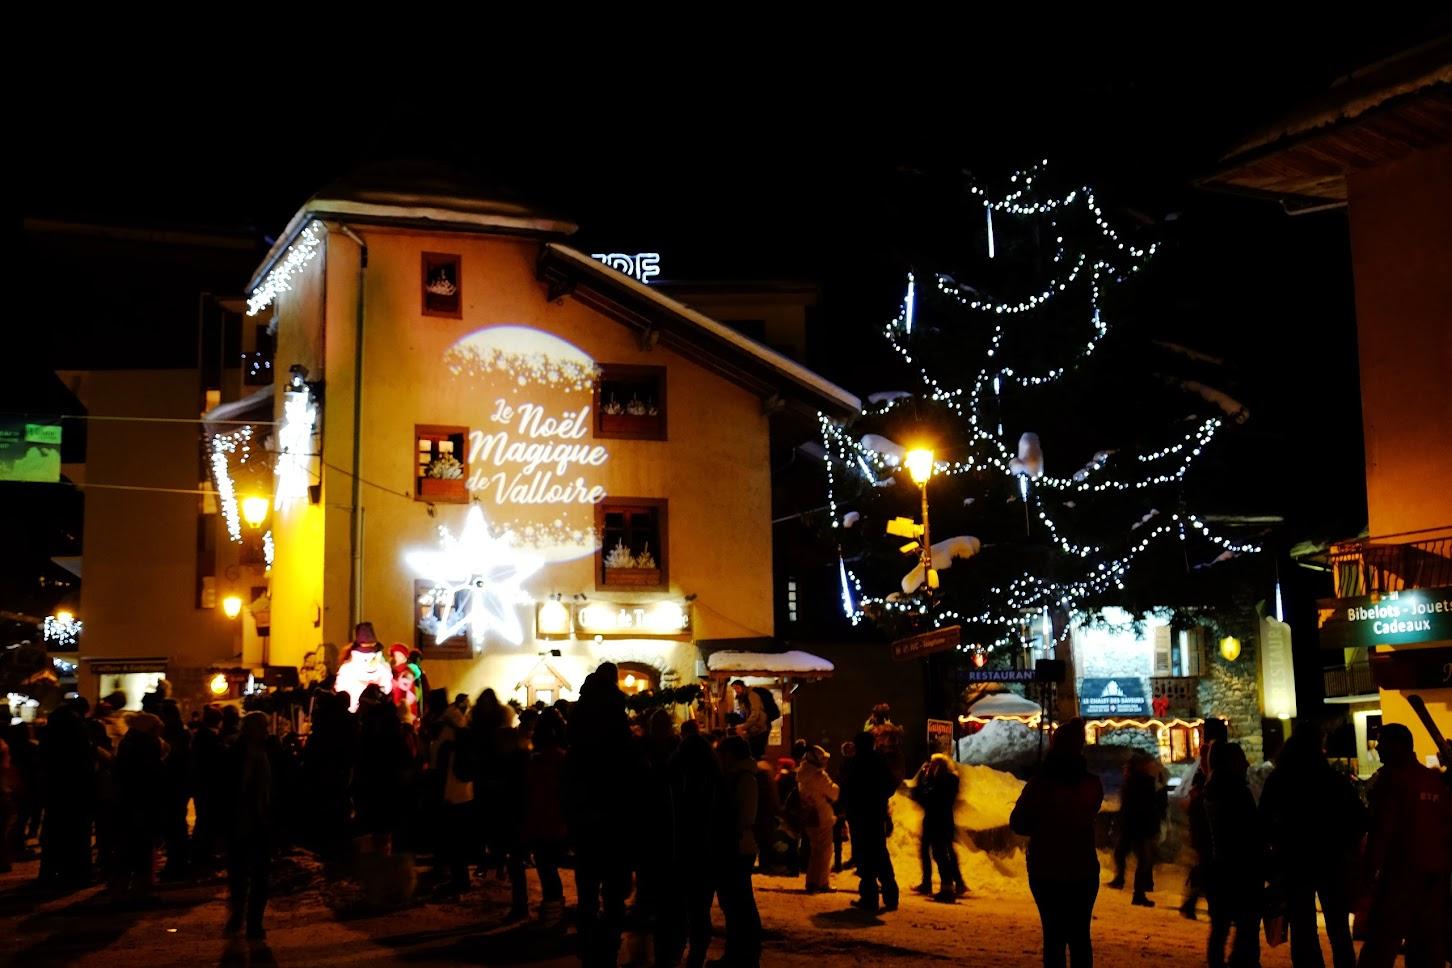 Nit de Nadal a Valloire